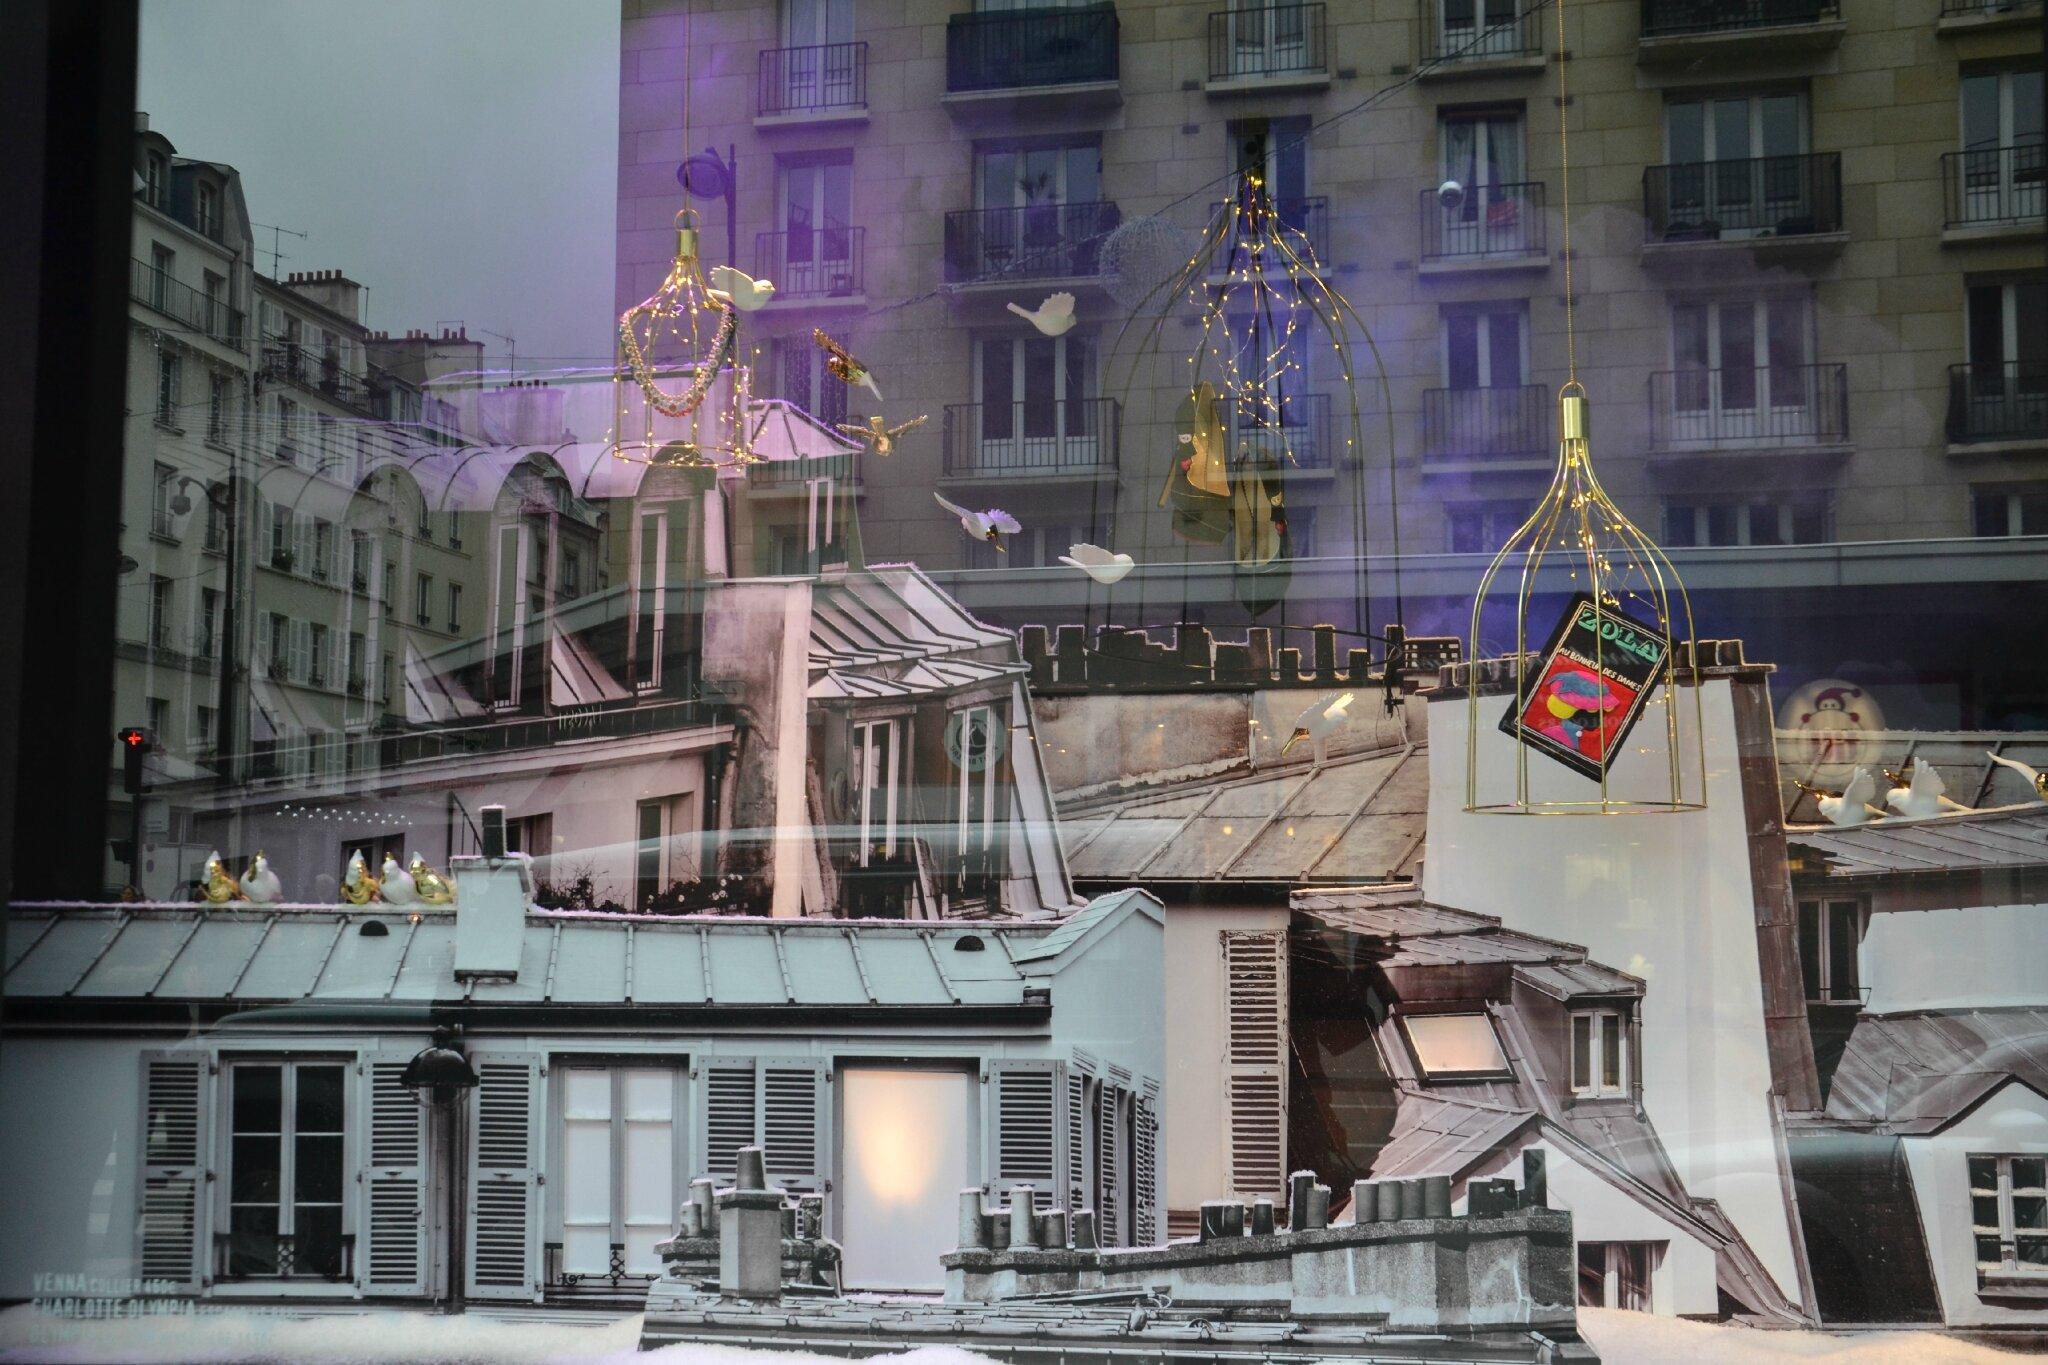 #5F4D6F Noël Au Bon Marché Les Vitrines Food Coaching 5347 décorations de noel bon marché 2048x1365 px @ aertt.com